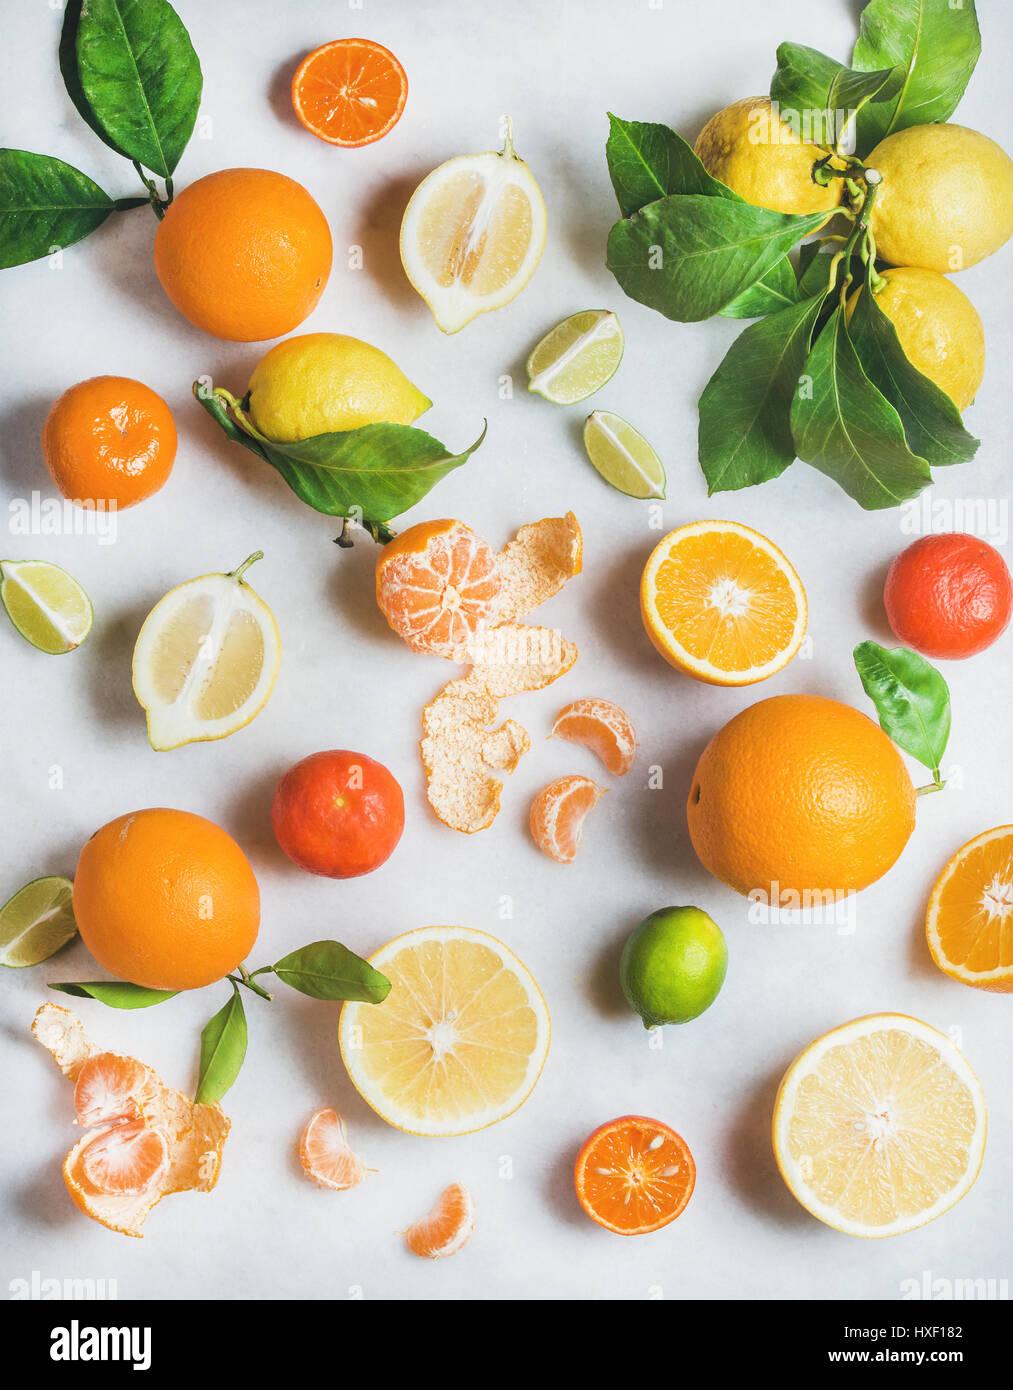 Varietà di agrumi freschi per rendere frullato sano Immagini Stock